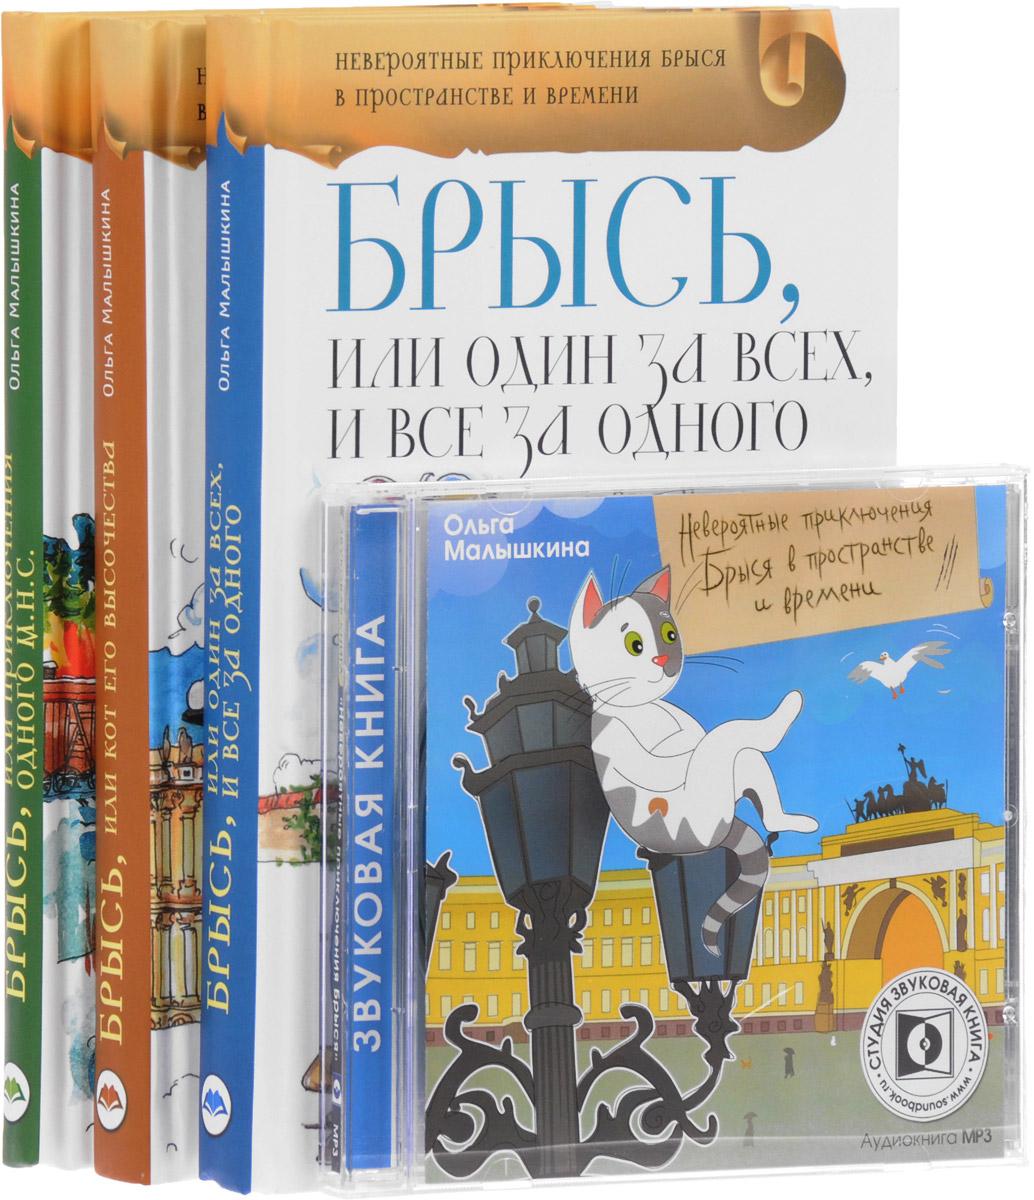 Ольга Малышкина Невероятные приключения Брыся в пространстве и времени (комплект: 3 книги + аудиокнига MP3)